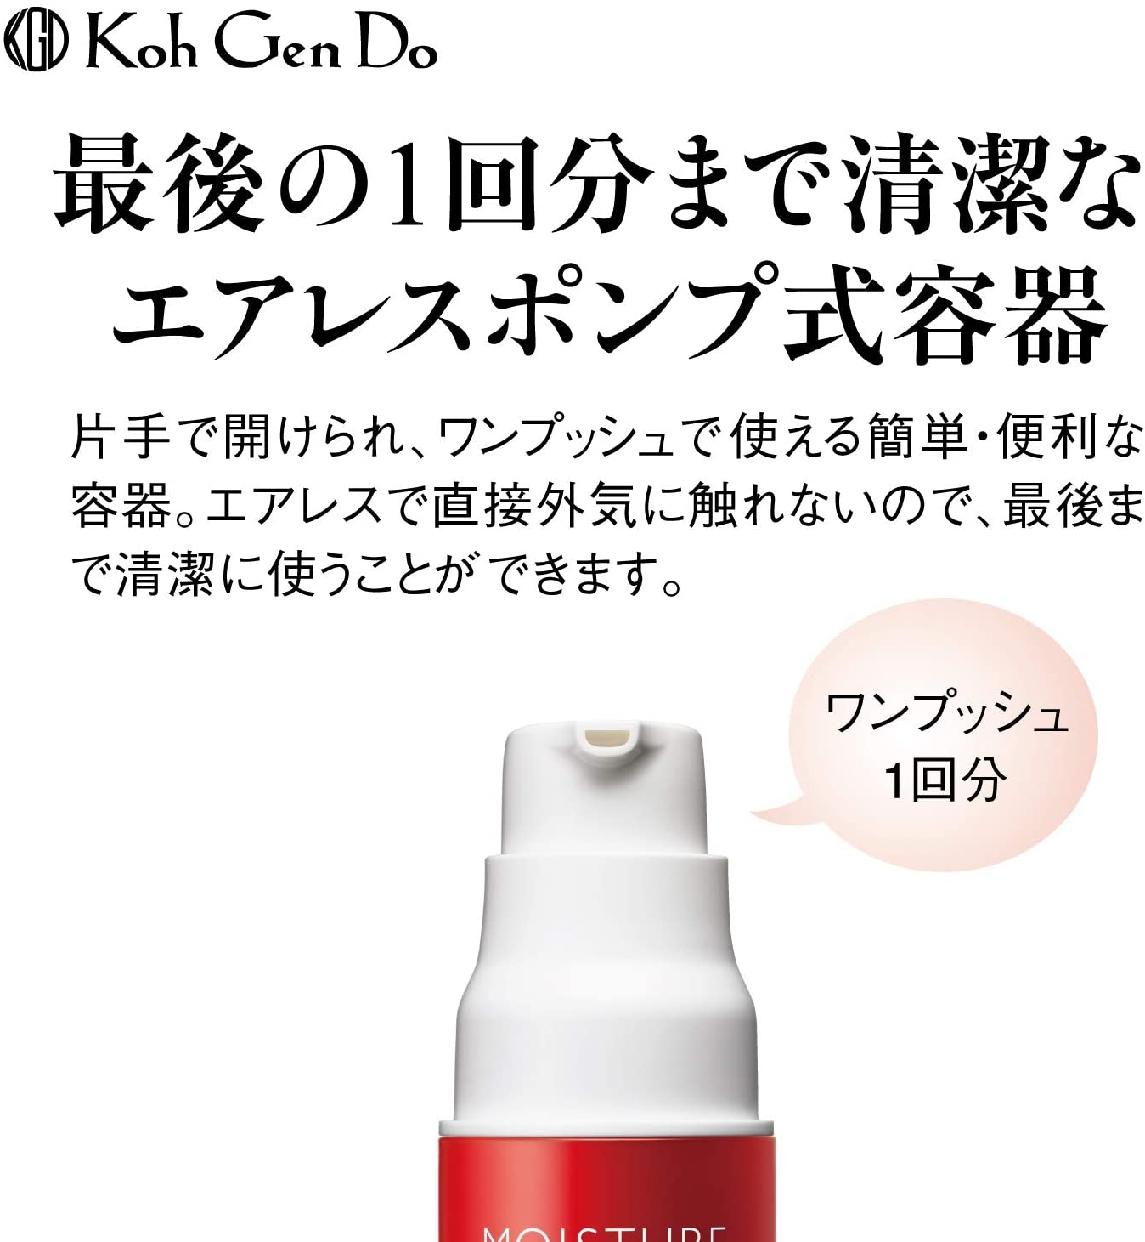 江原道(Koh Gen Do) オールインワン モイスチャー ジェルの商品画像8